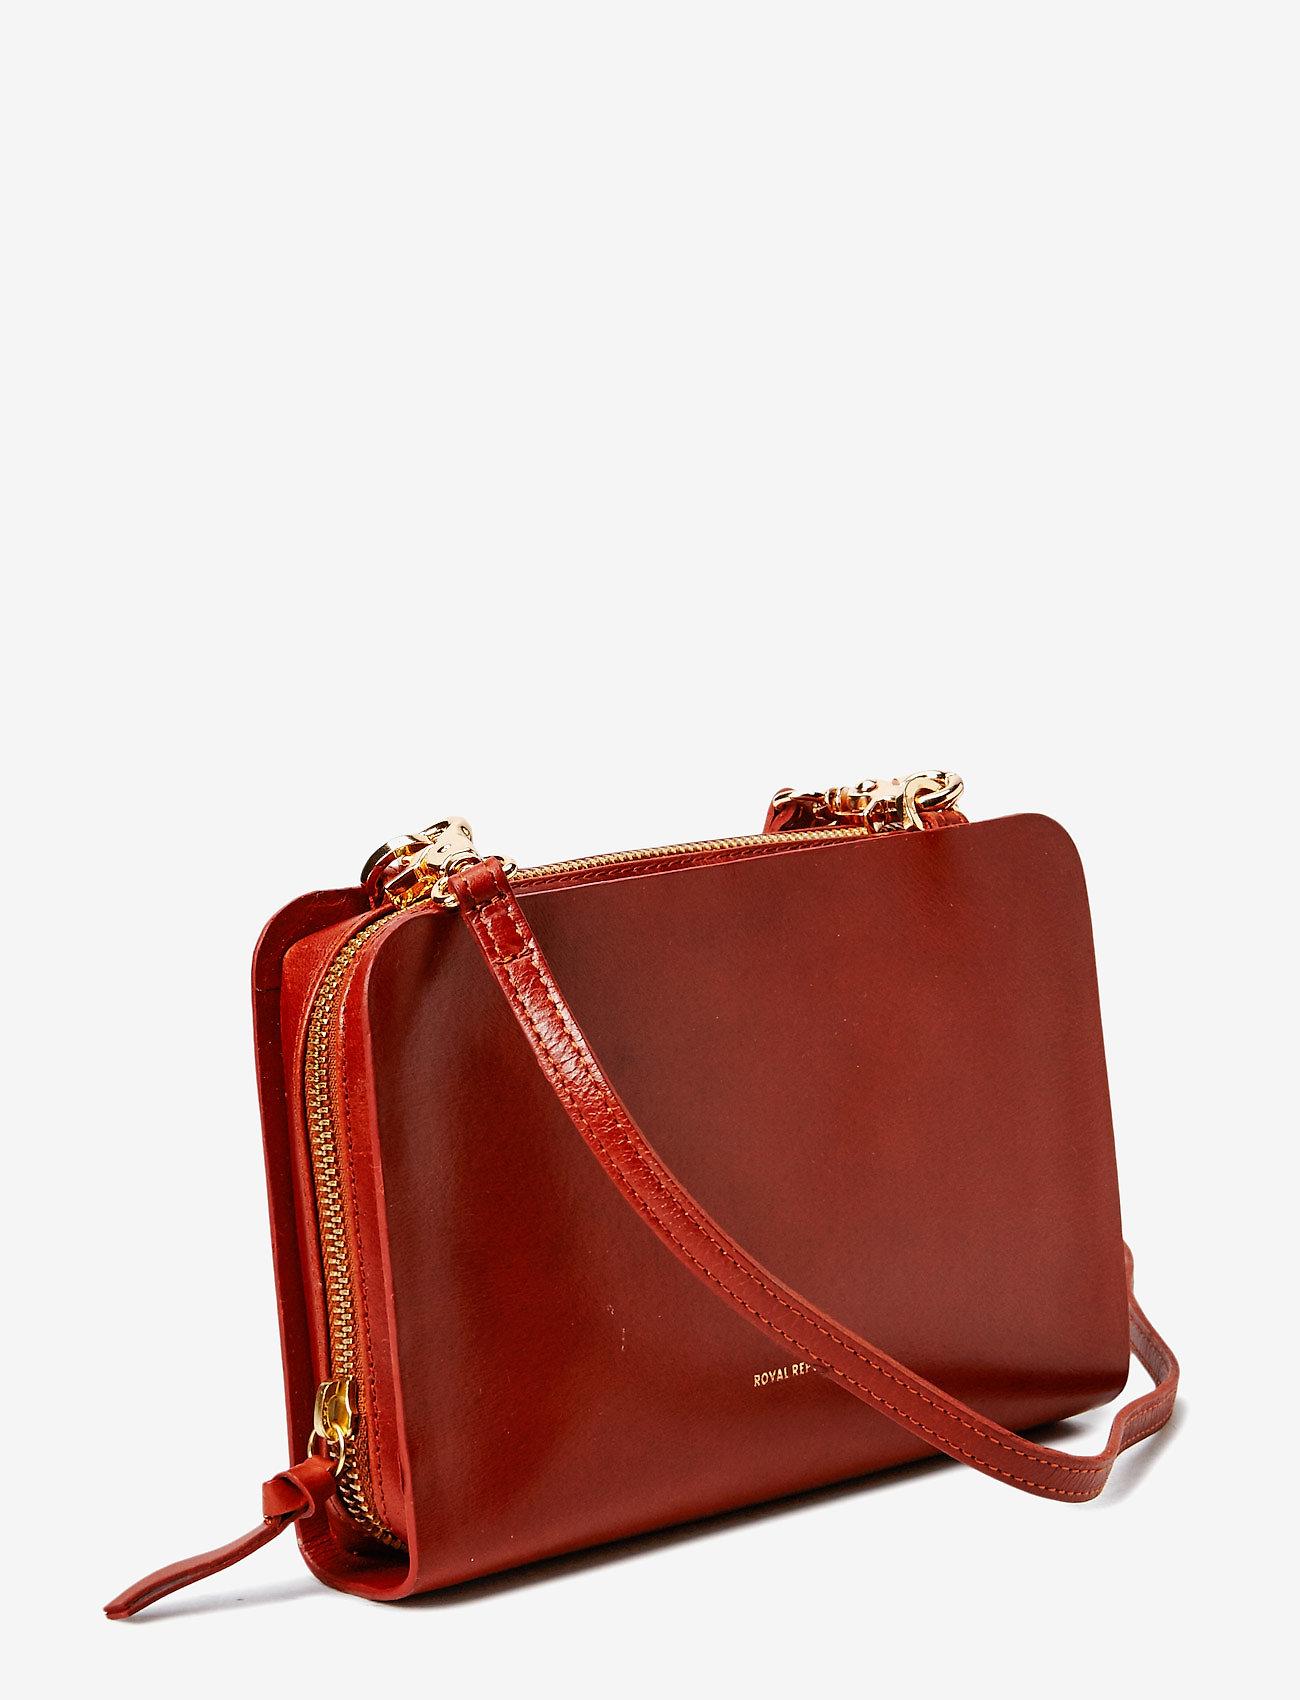 Royal RepubliQ - Galax Eve Bag - cognac - 1